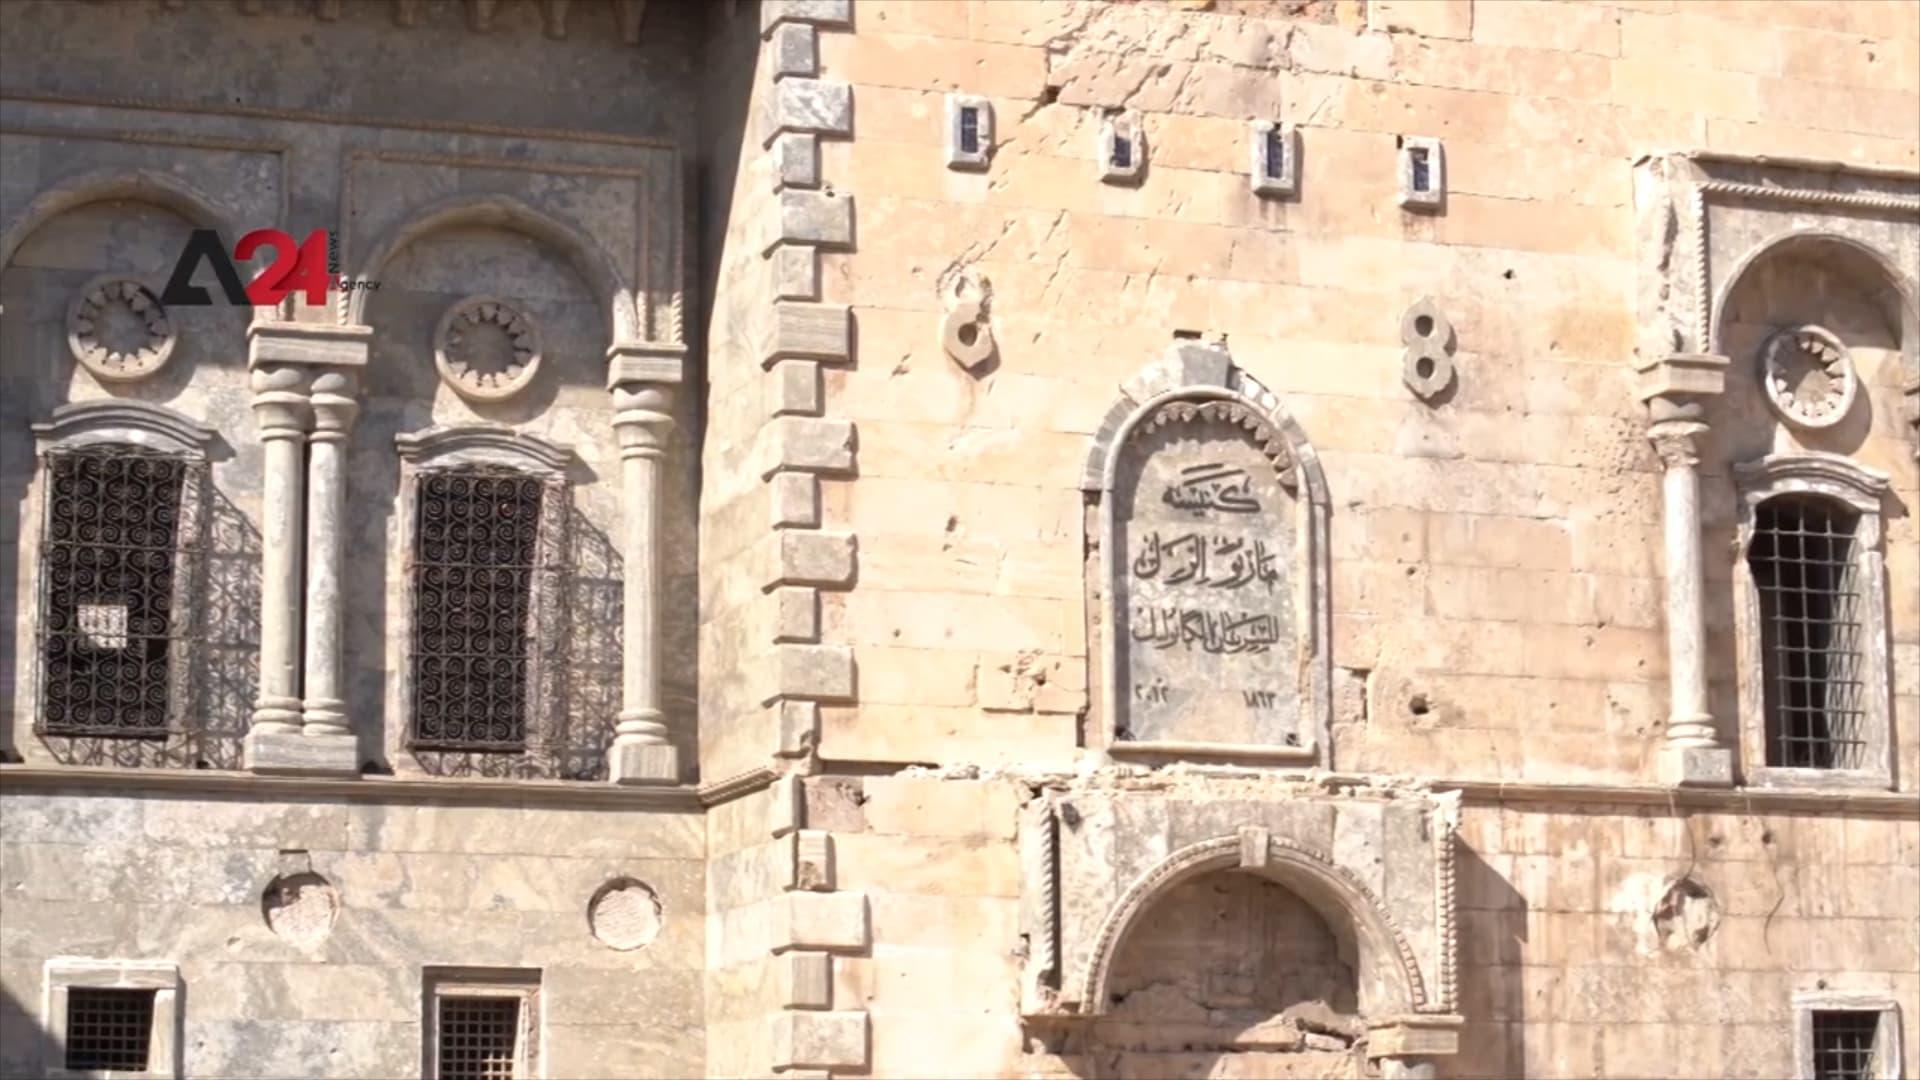 عراقيون مسلمون يعيدون الحياة بكنسية مارتوما لتشجيع عودة المسيحيين